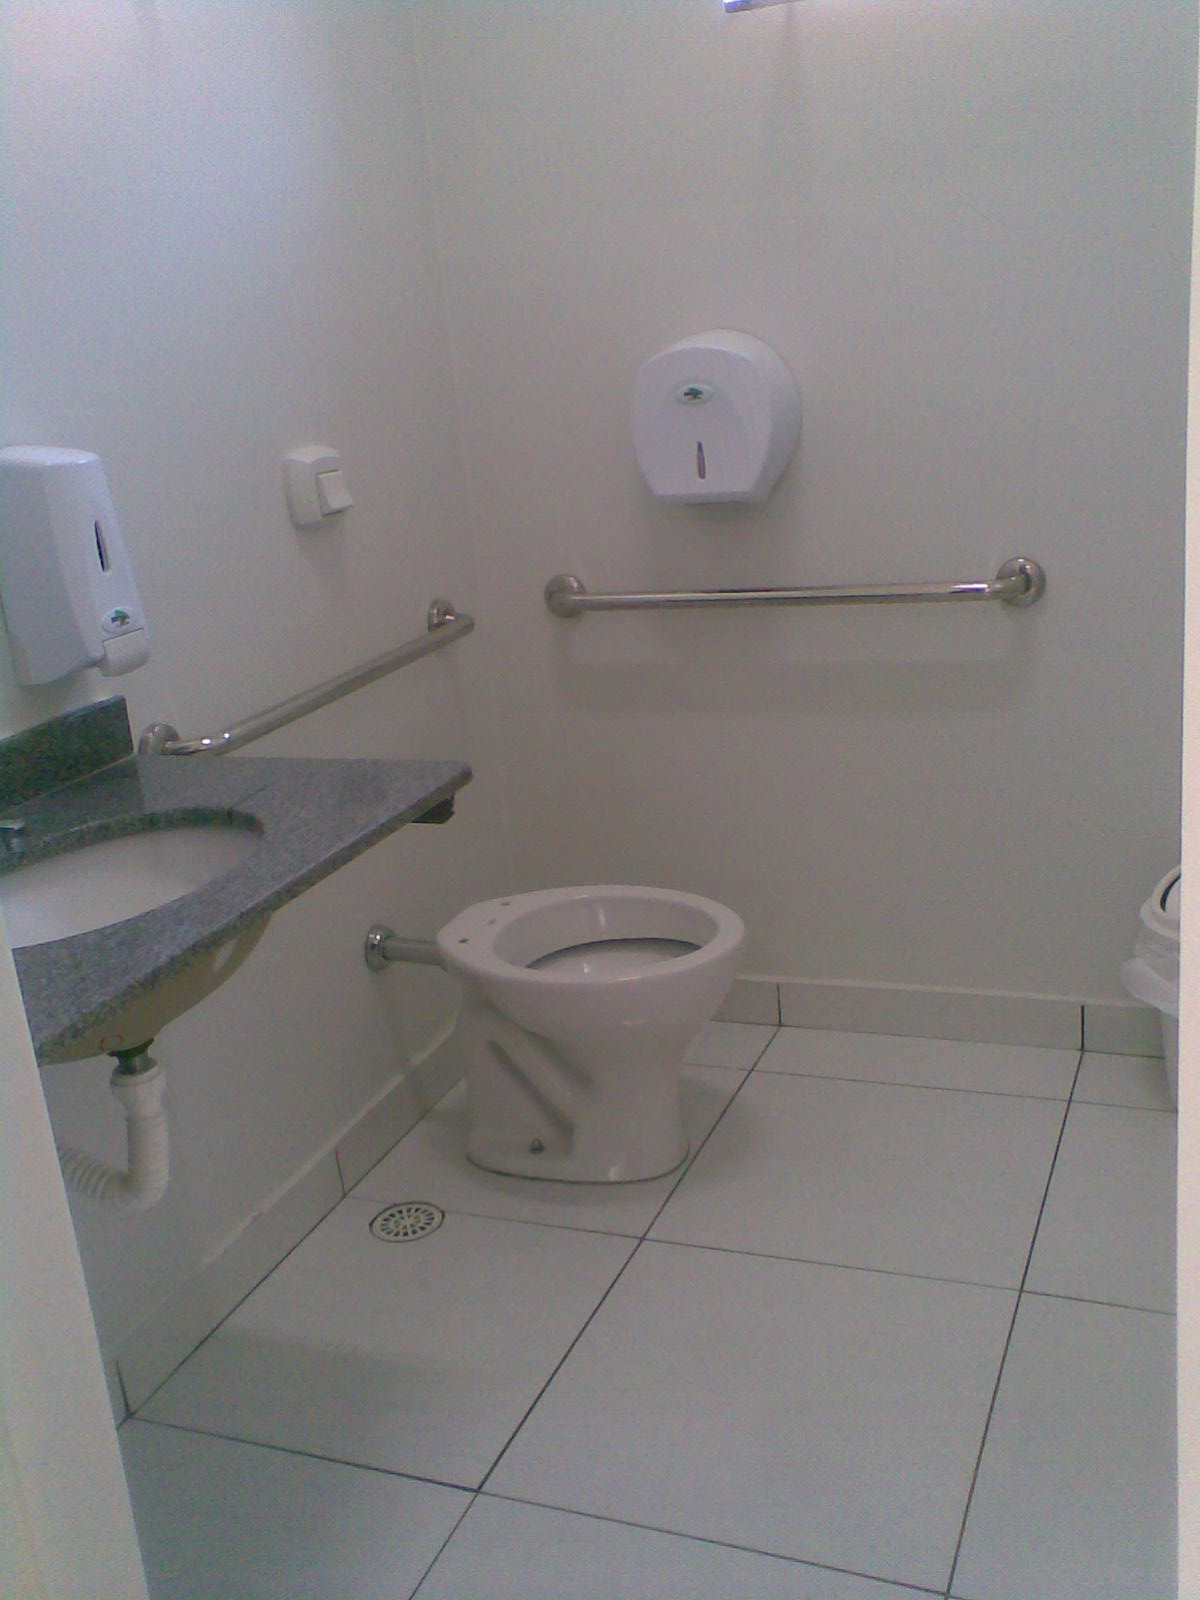 Construir com Arte: Uma Clínica Veterinária com design. #566075 1200x1600 Banheiro Acessibilidade Bloco Cad